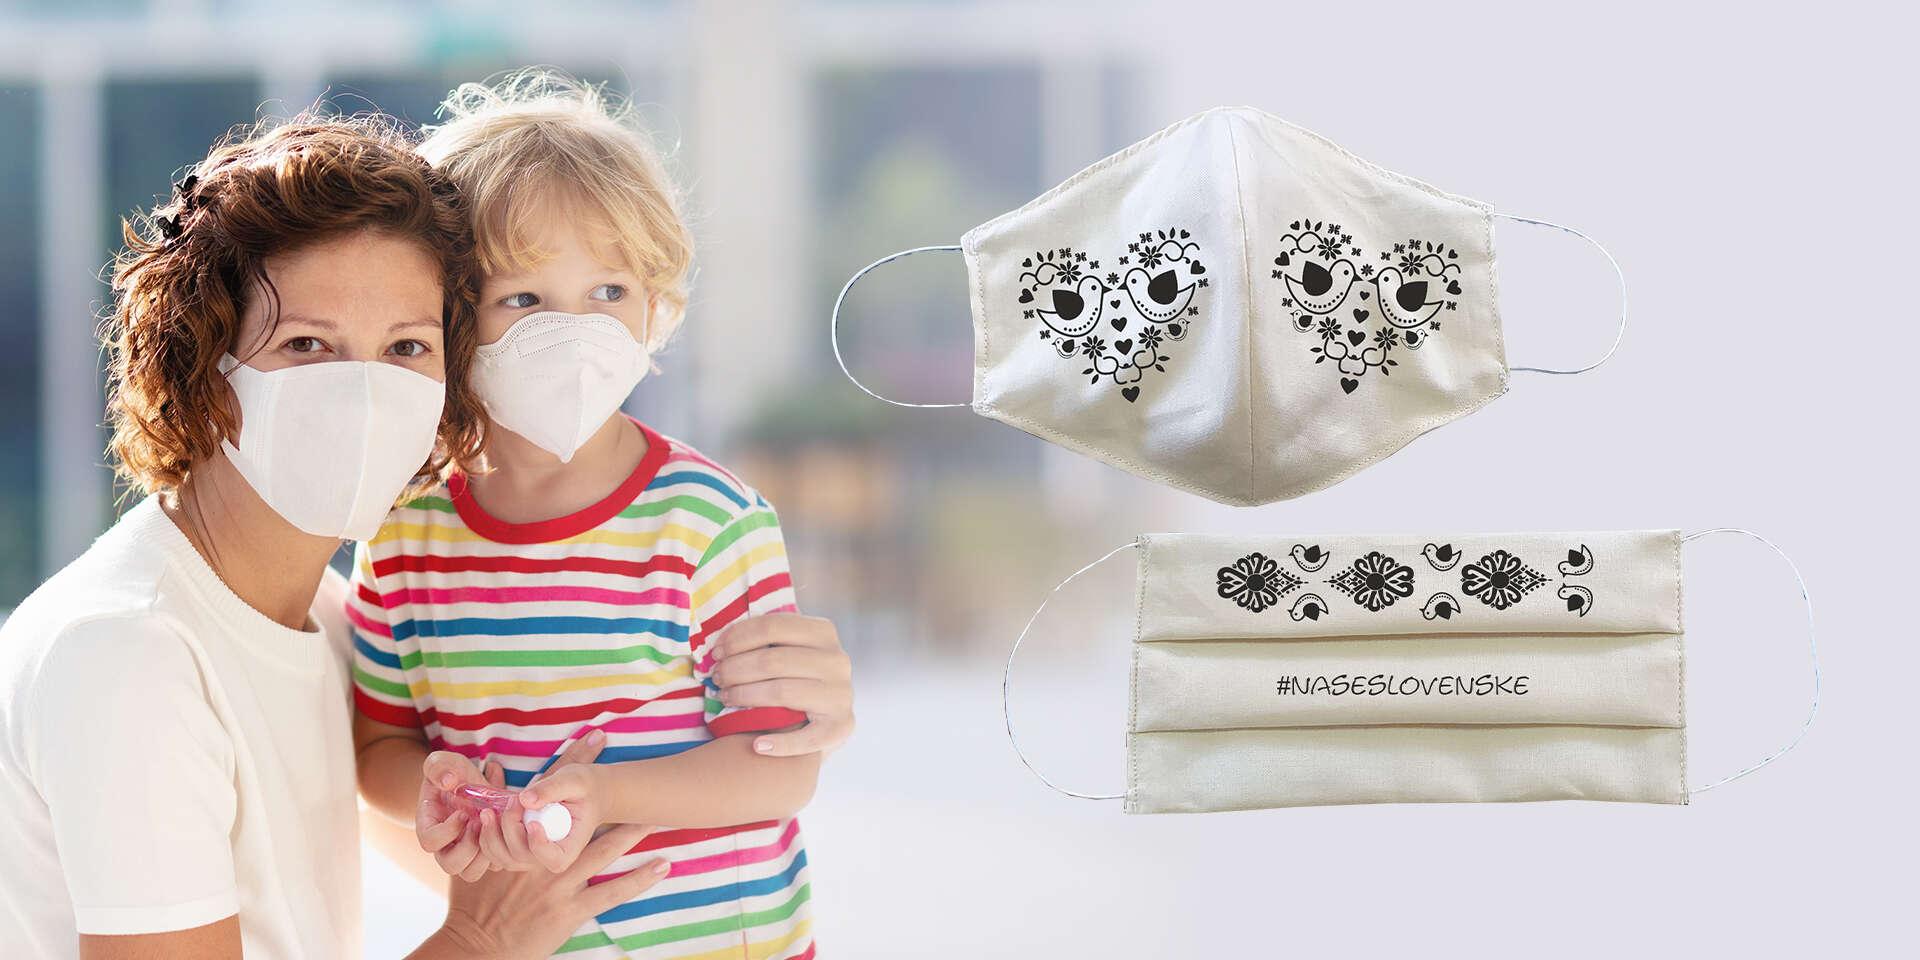 Štýlové bavlnené rúško pre dospelého alebo dieťa - chráňte seba aj okolie